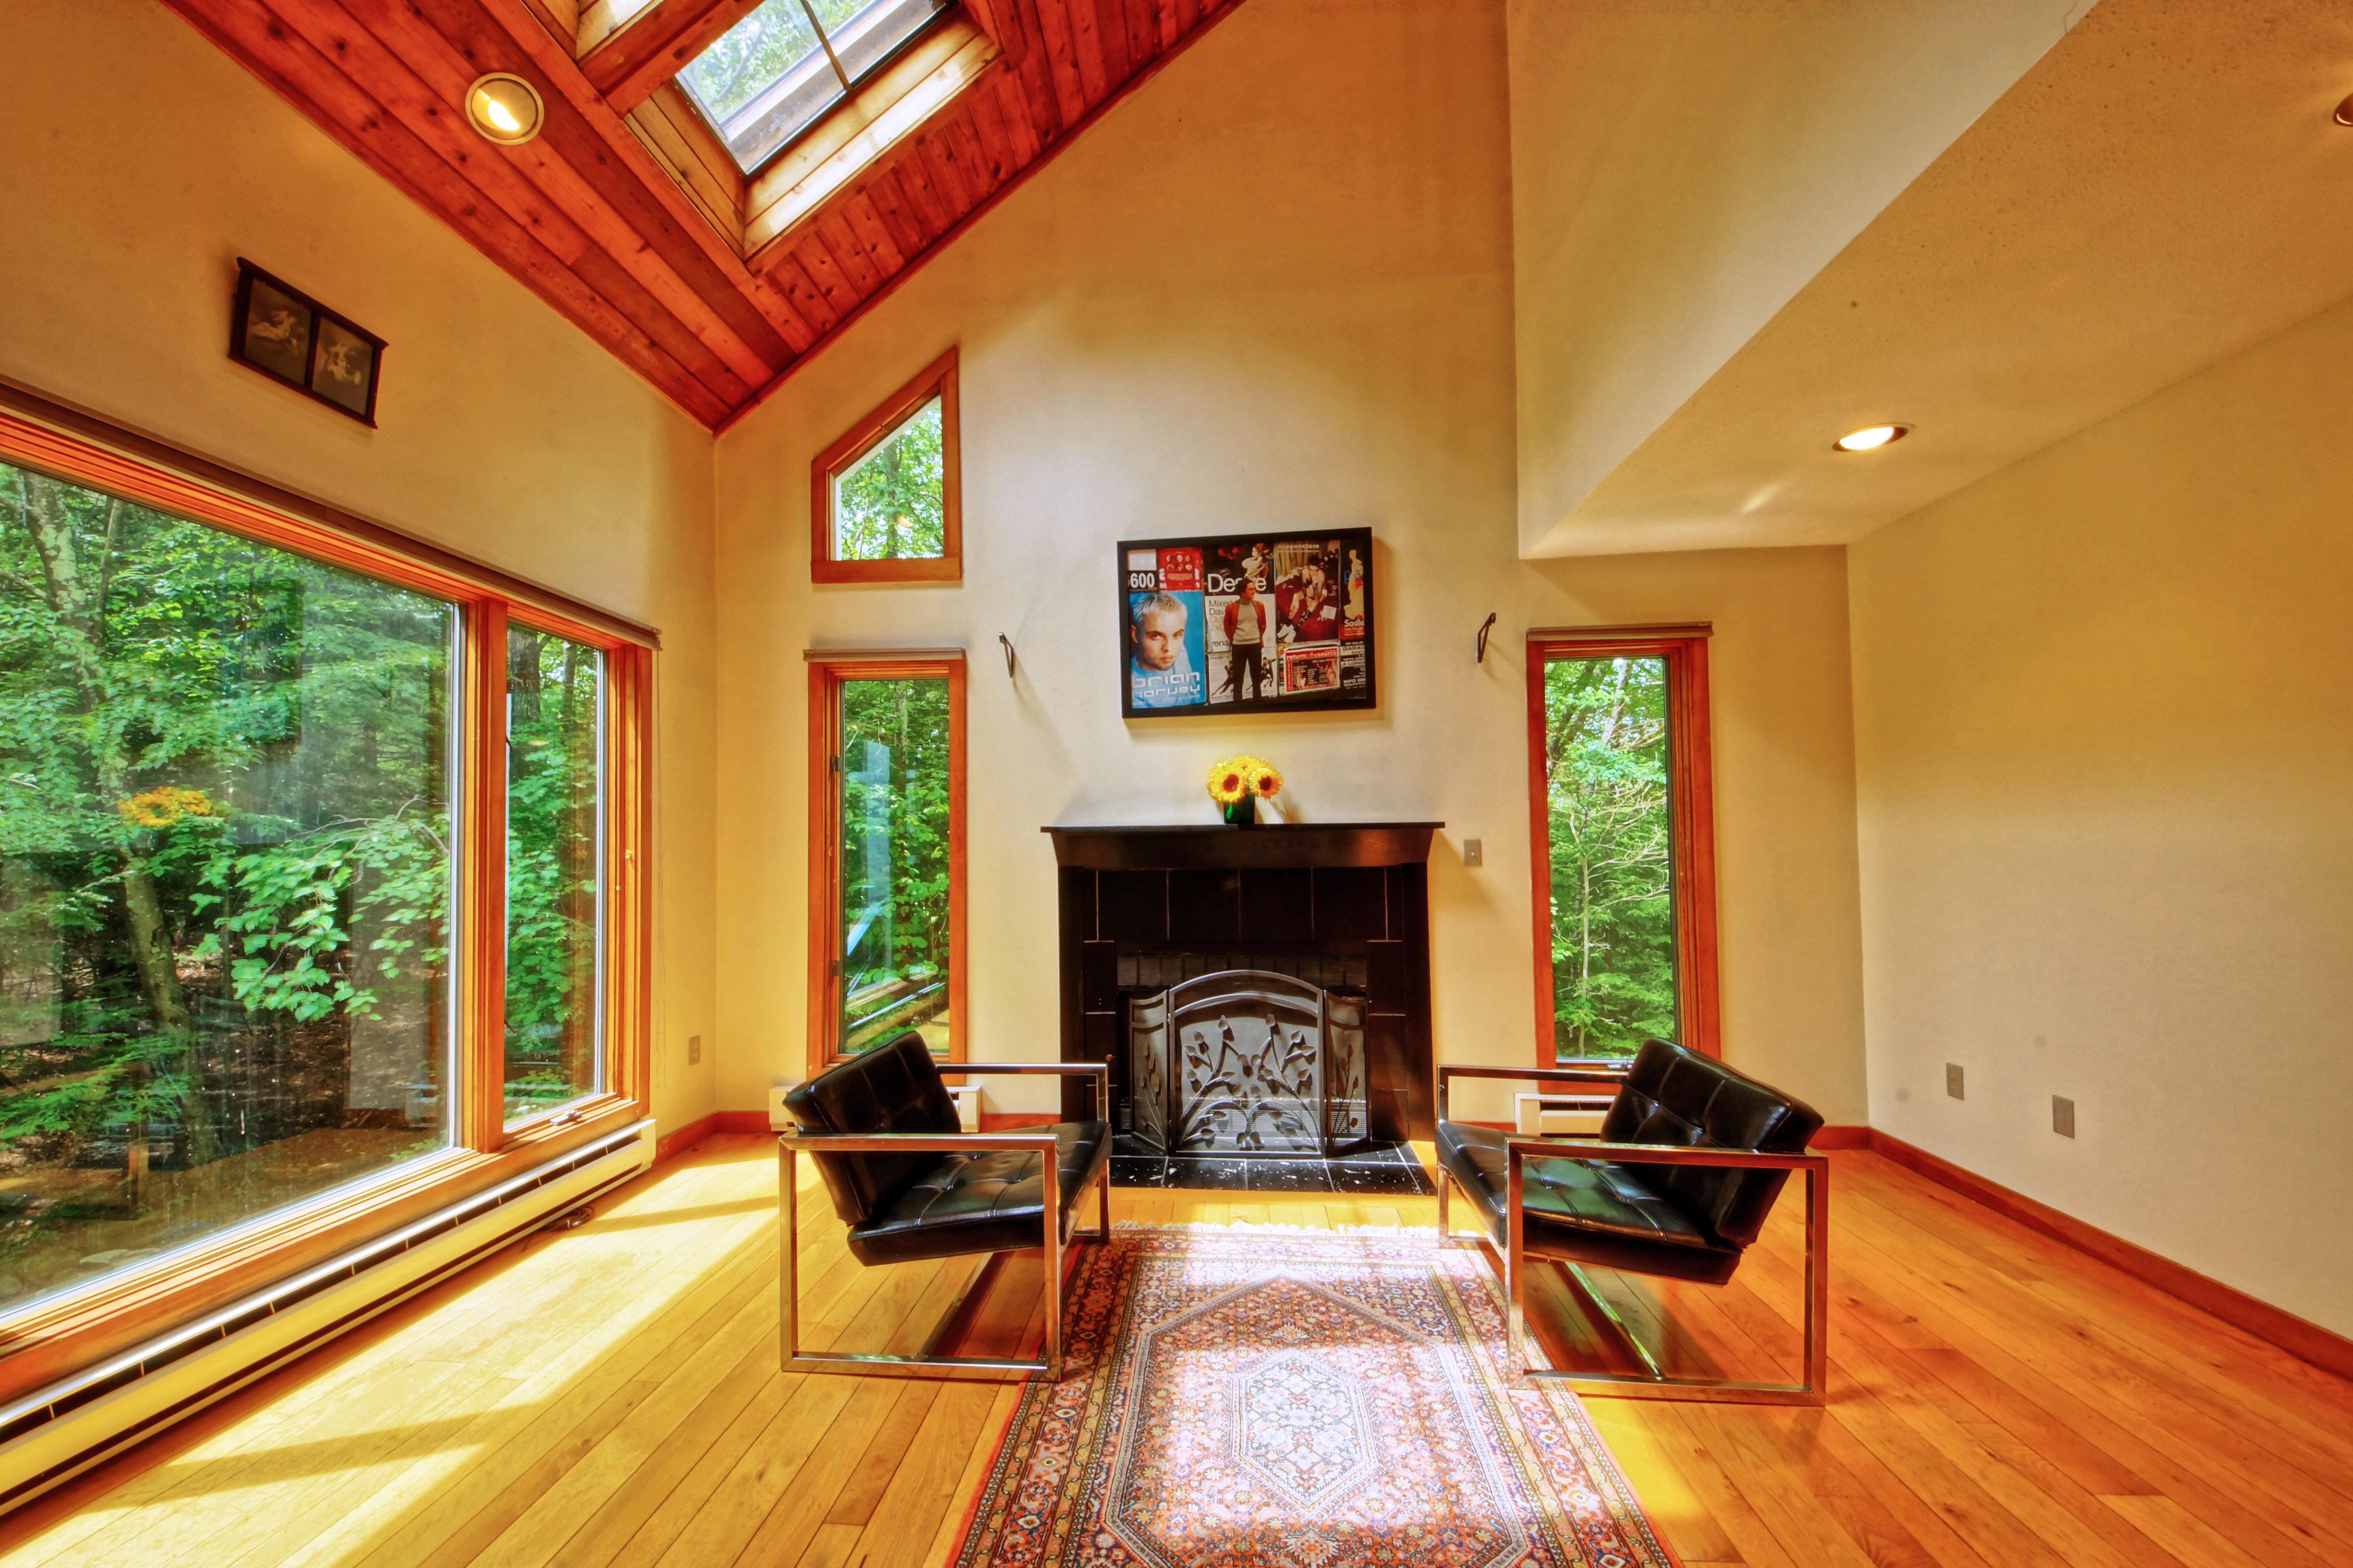 Частный односемейный дом для того Продажа на Charming Country Cottage 81 Weldon Ct Goshen, Коннектикут 06756 Соединенные Штаты